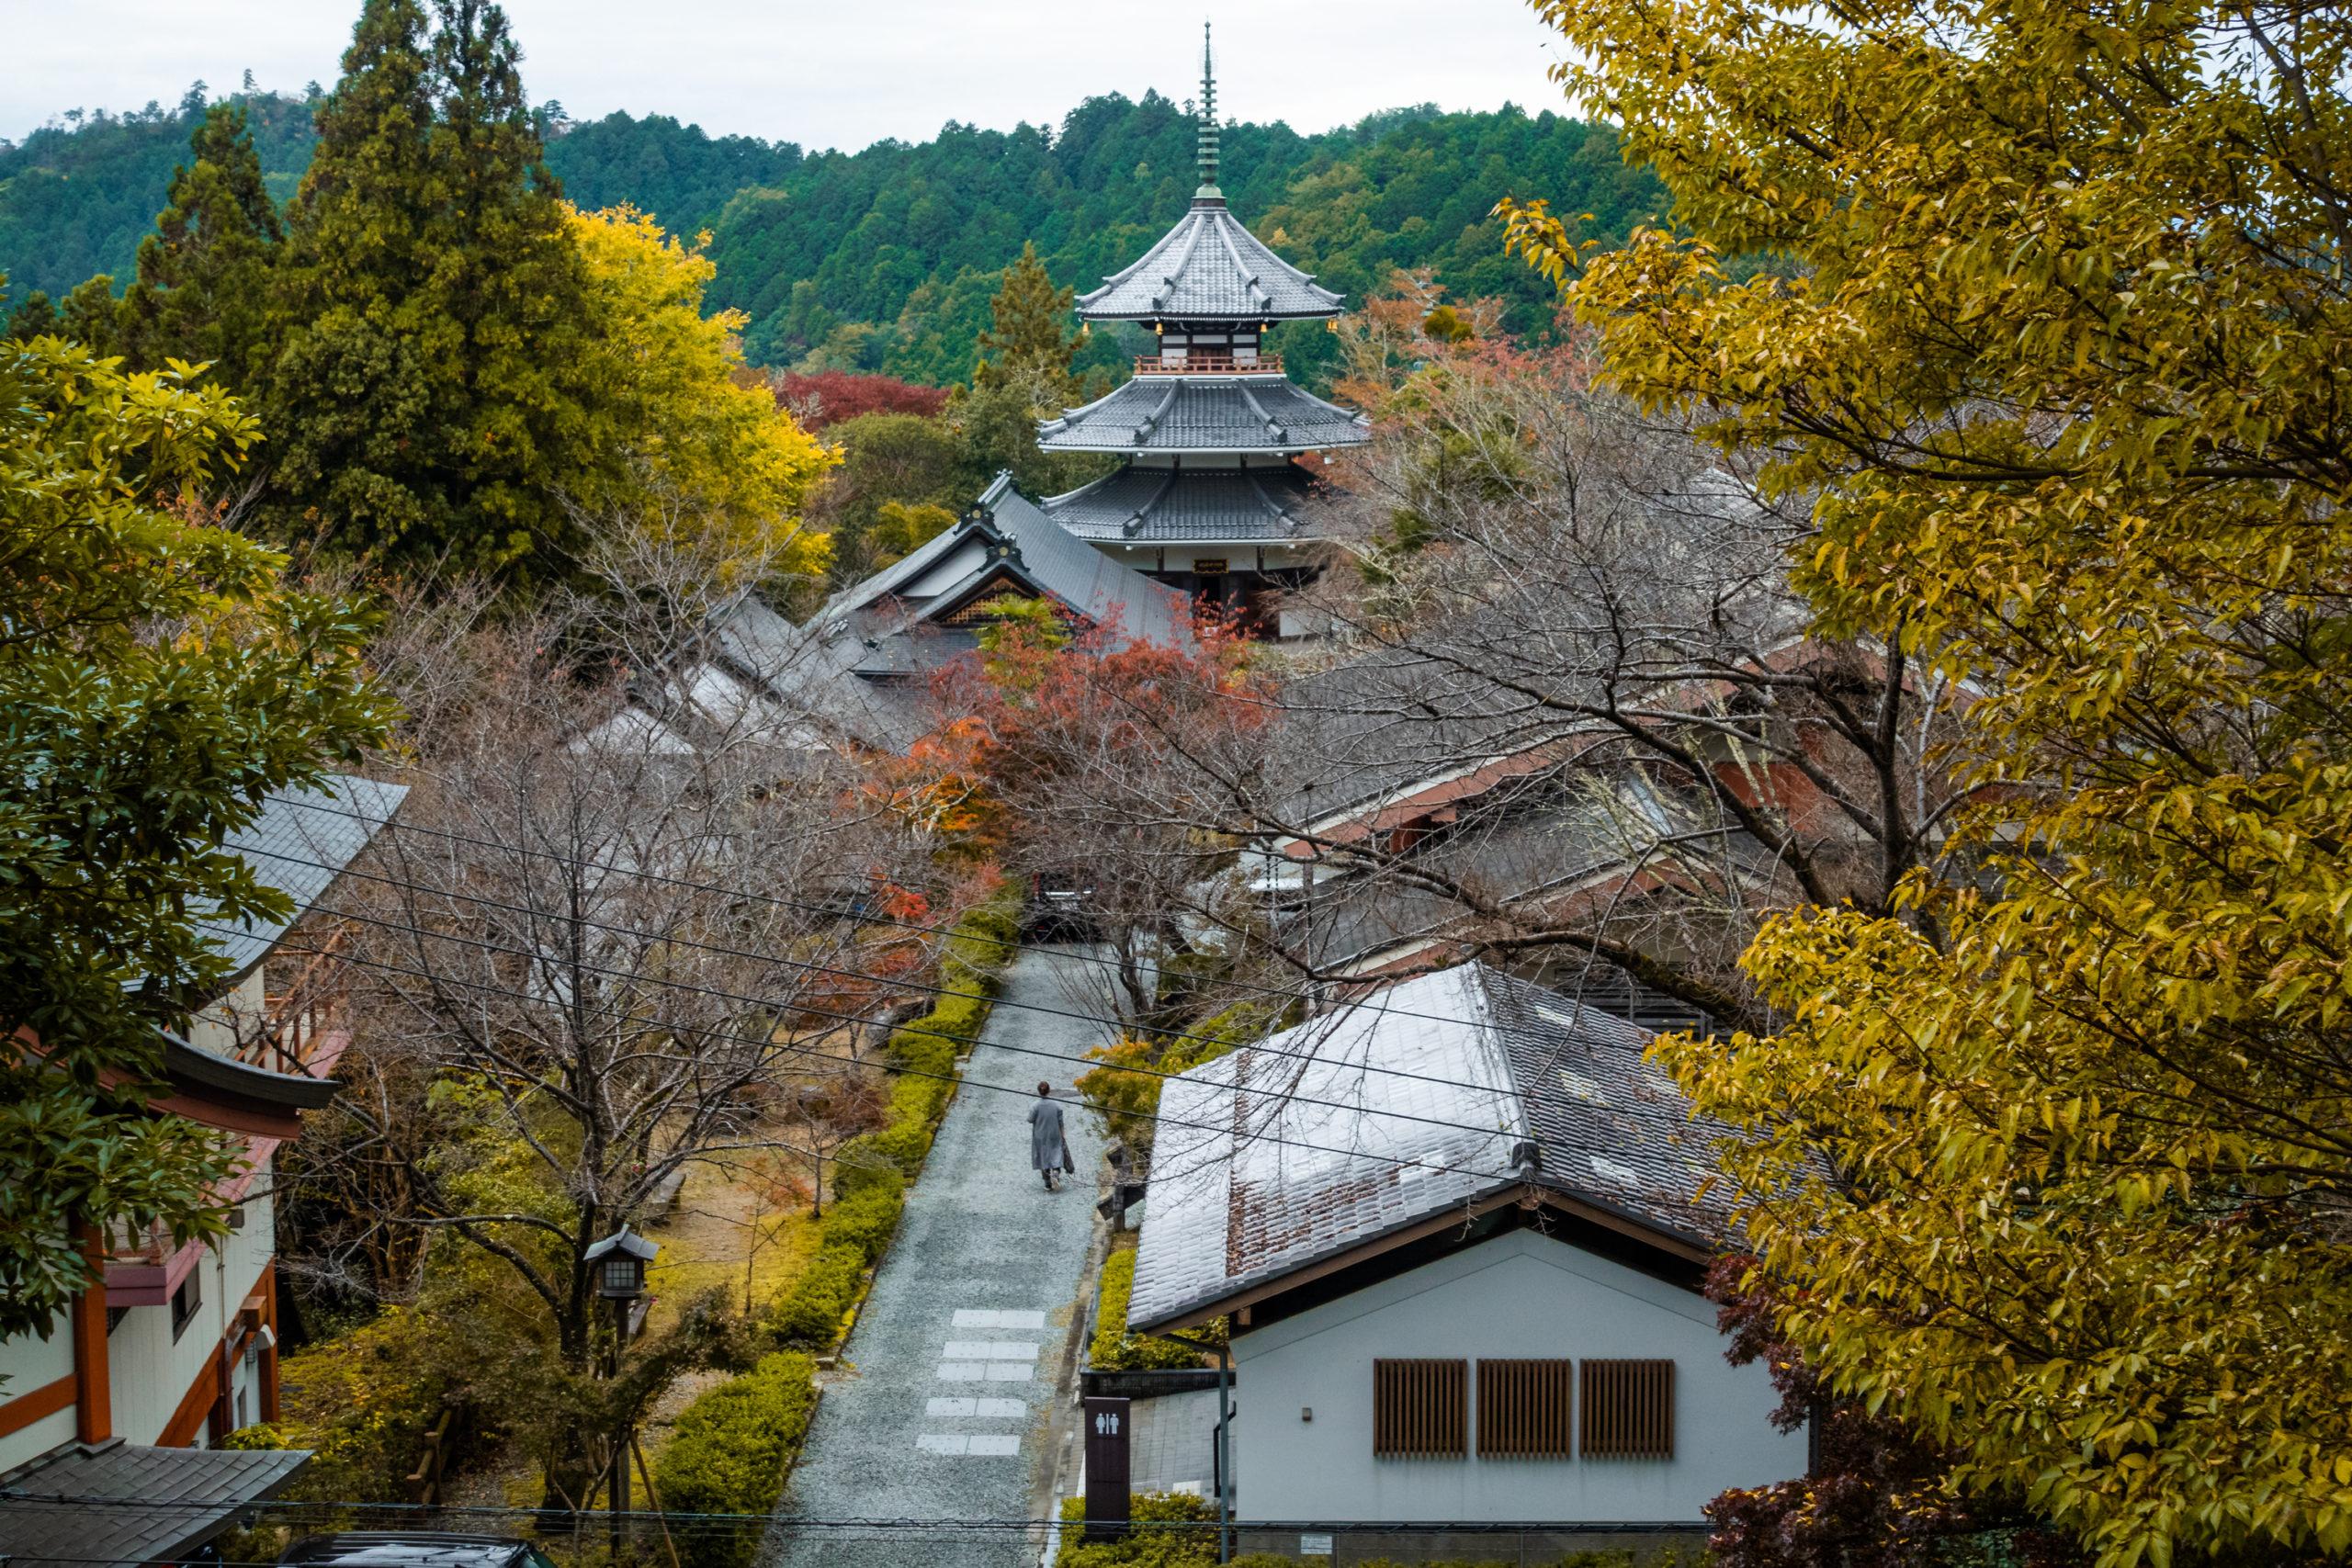 DSC00110-scaled 奈良県  吉野山(山が紅葉に染まる秋におすすめの絶景スポット! 撮影した写真の紹介、アクセス情報や駐車場情報など)